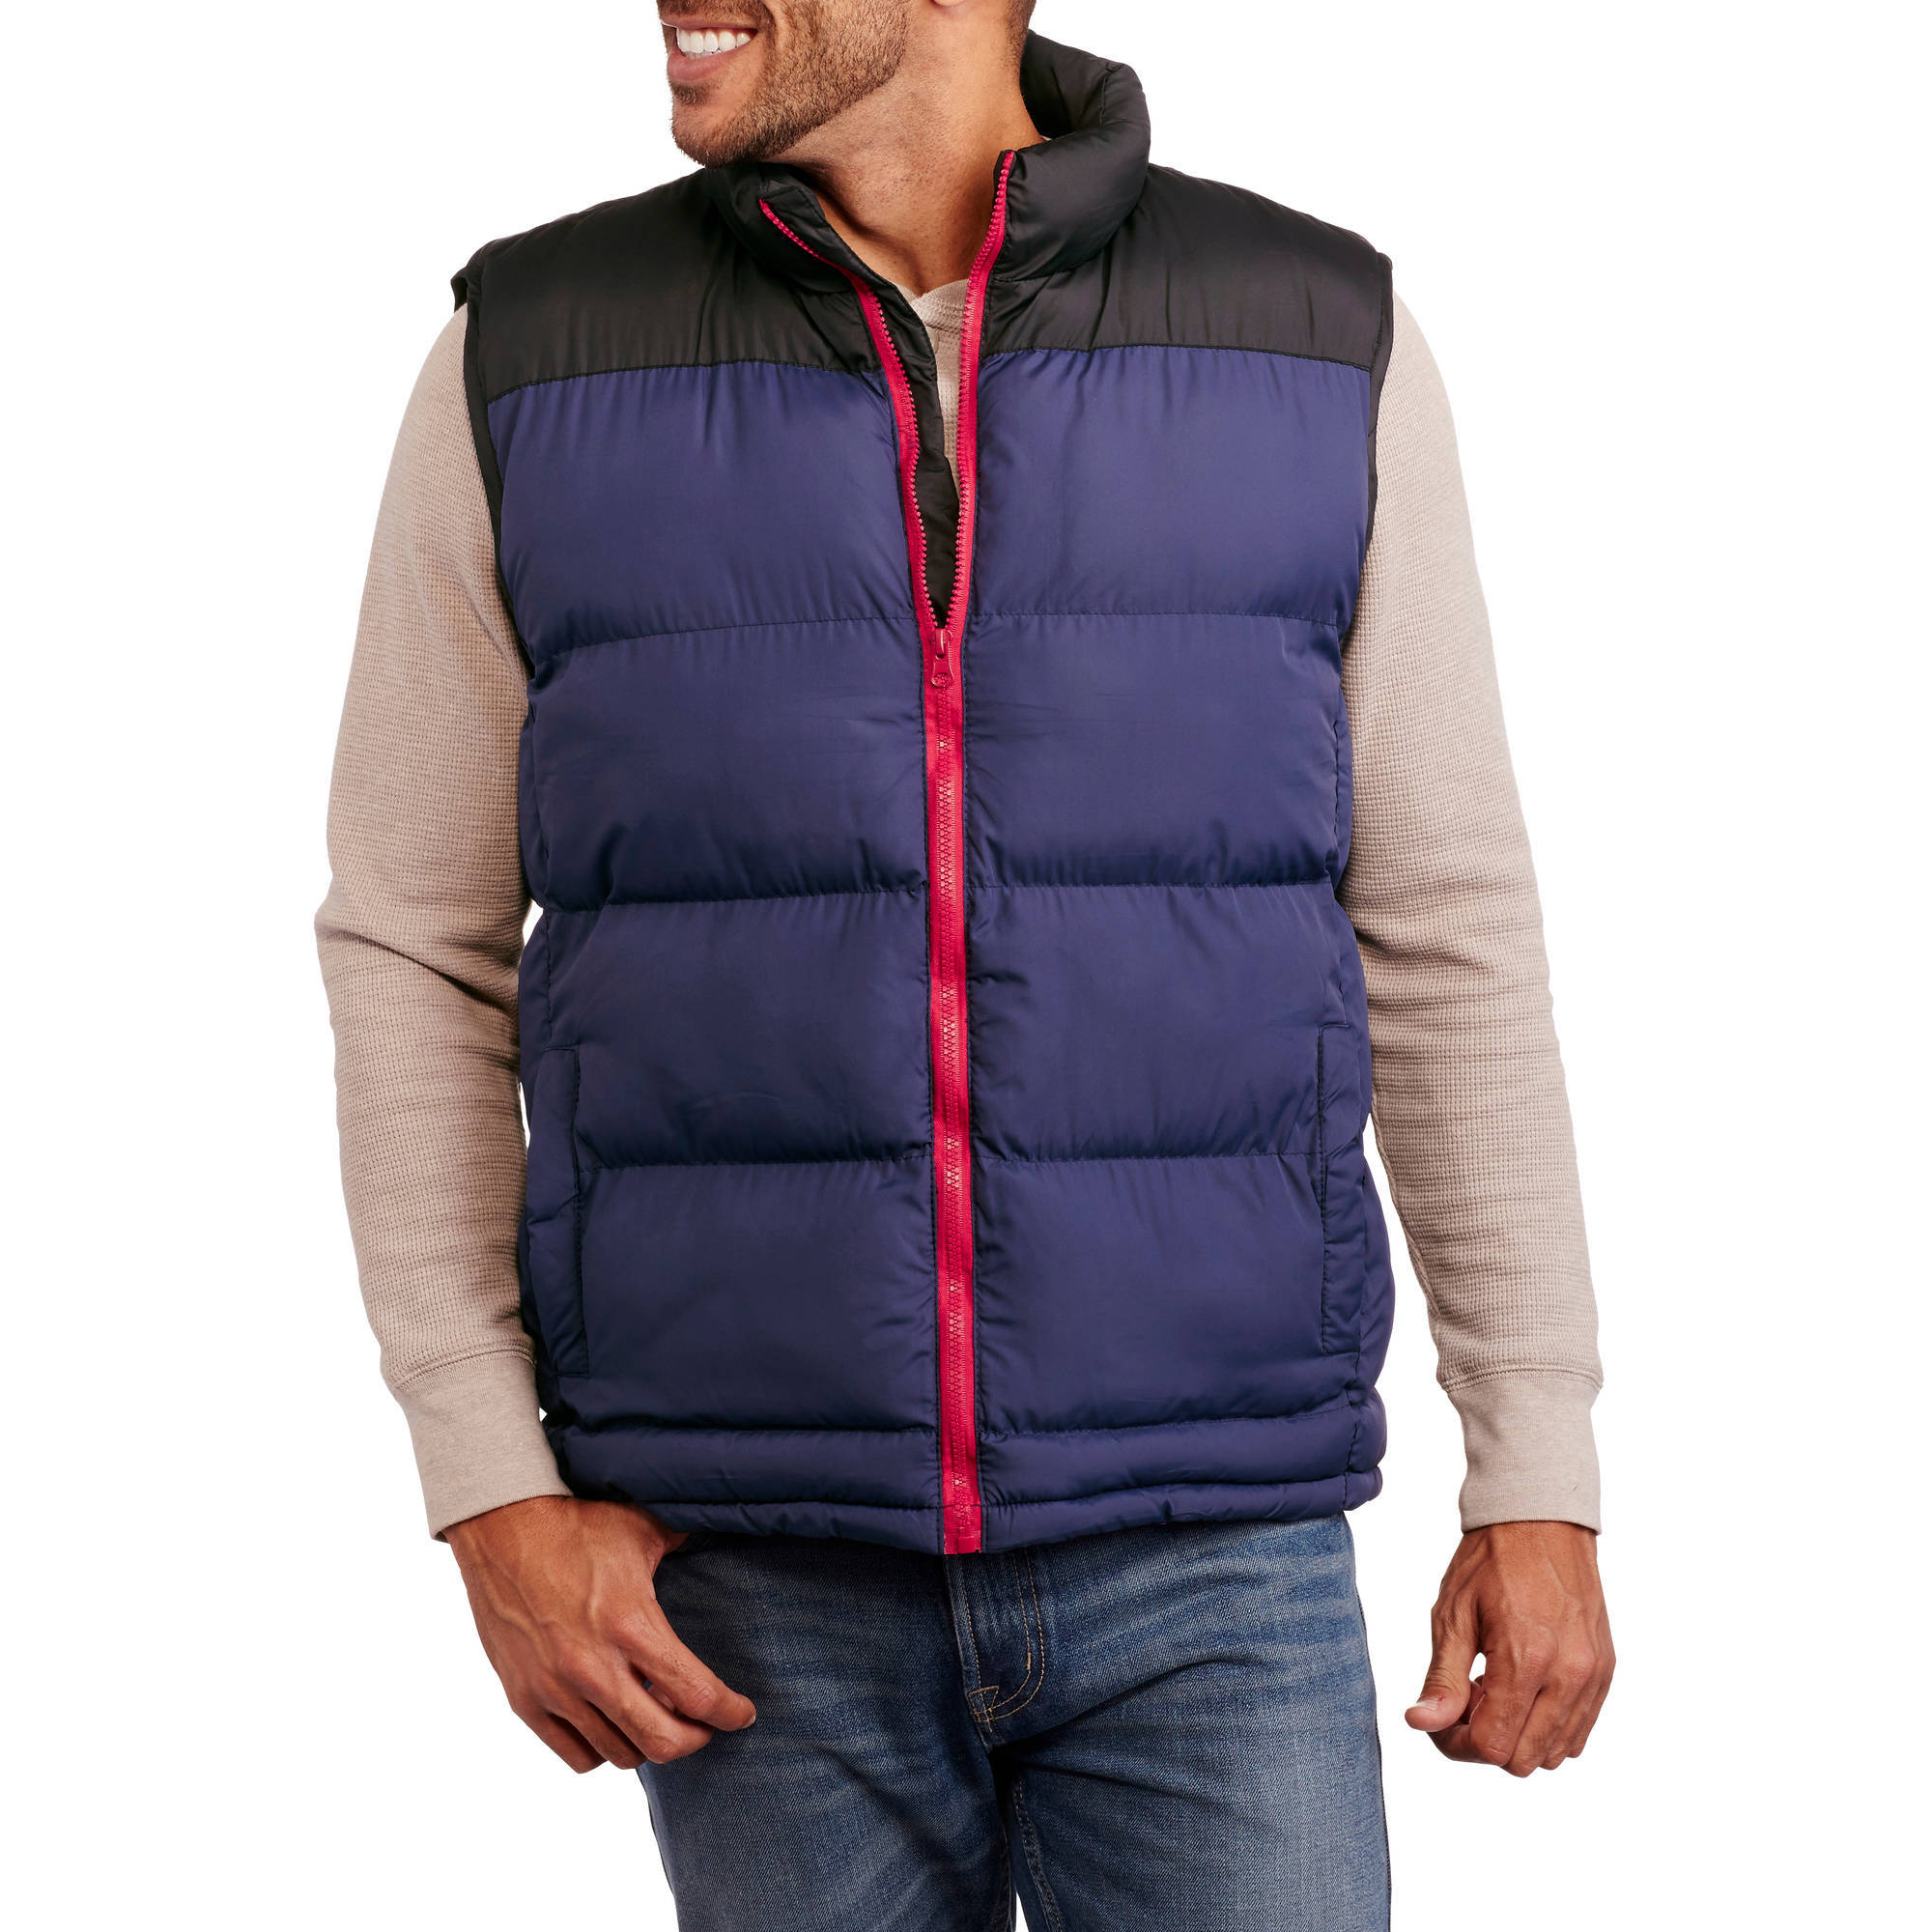 Climate Concepts Men's Colorblock Vest